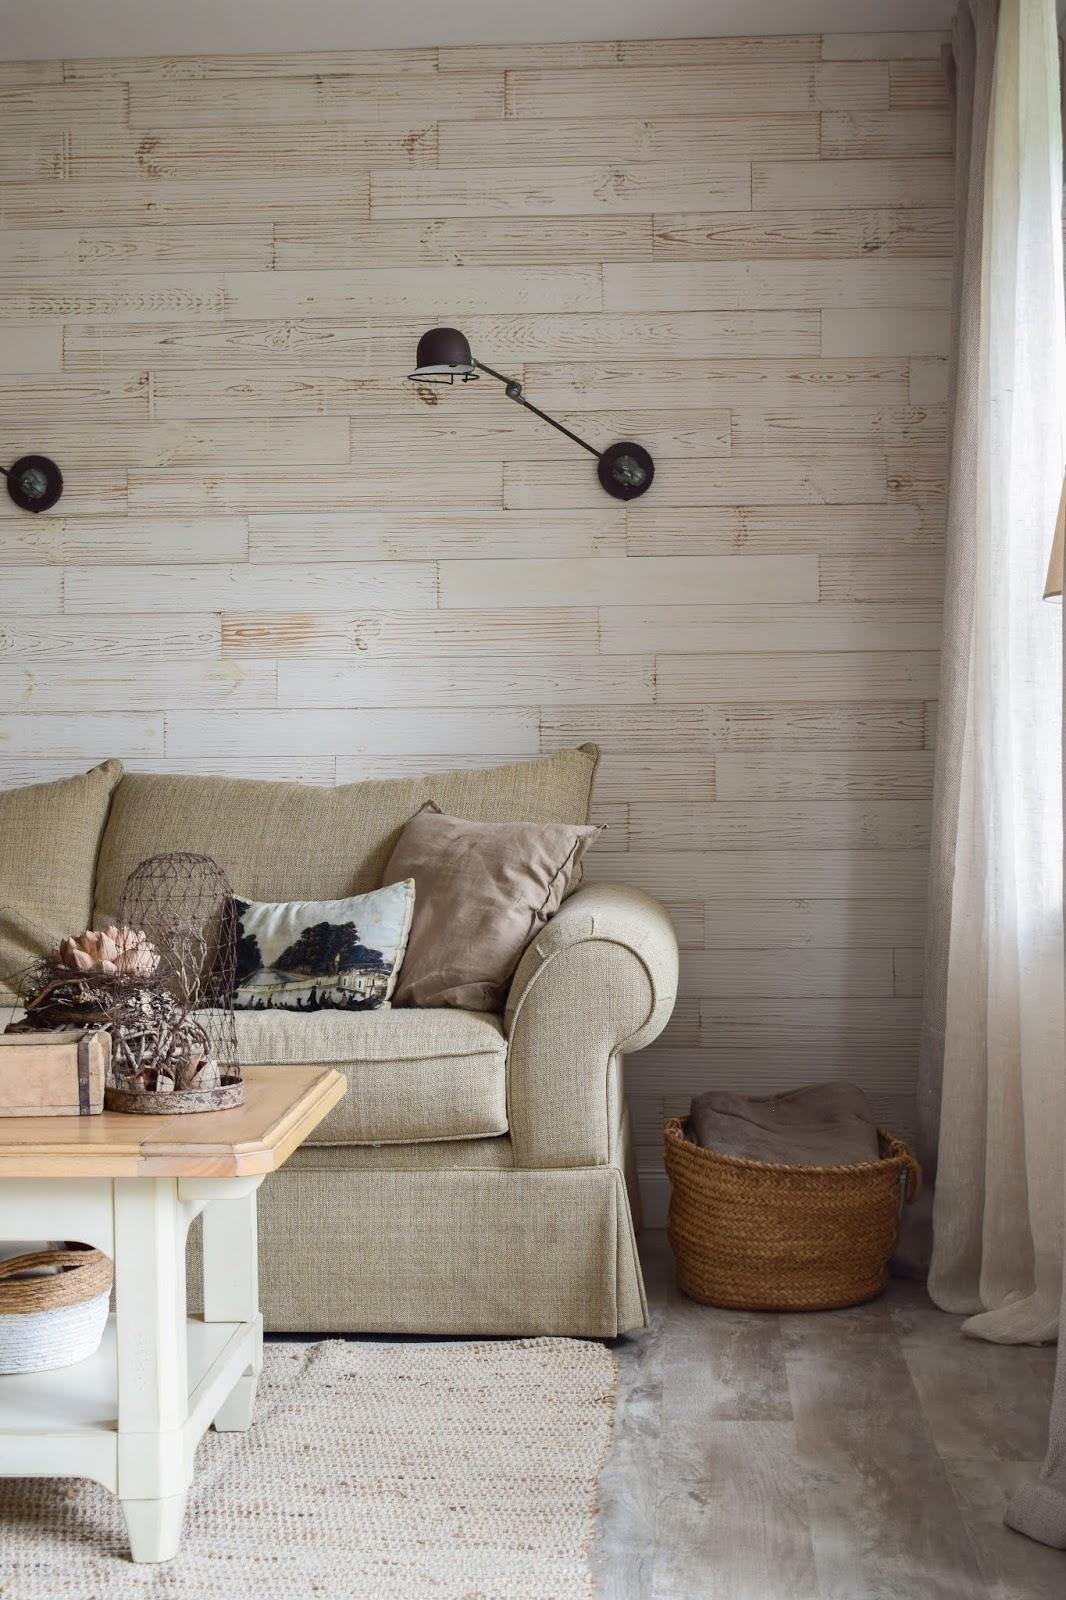 Wohnzimmer Ideen im Landhaus Stil einrichten. Deko Dekoideen natürlich dekorieren. Naturdeko